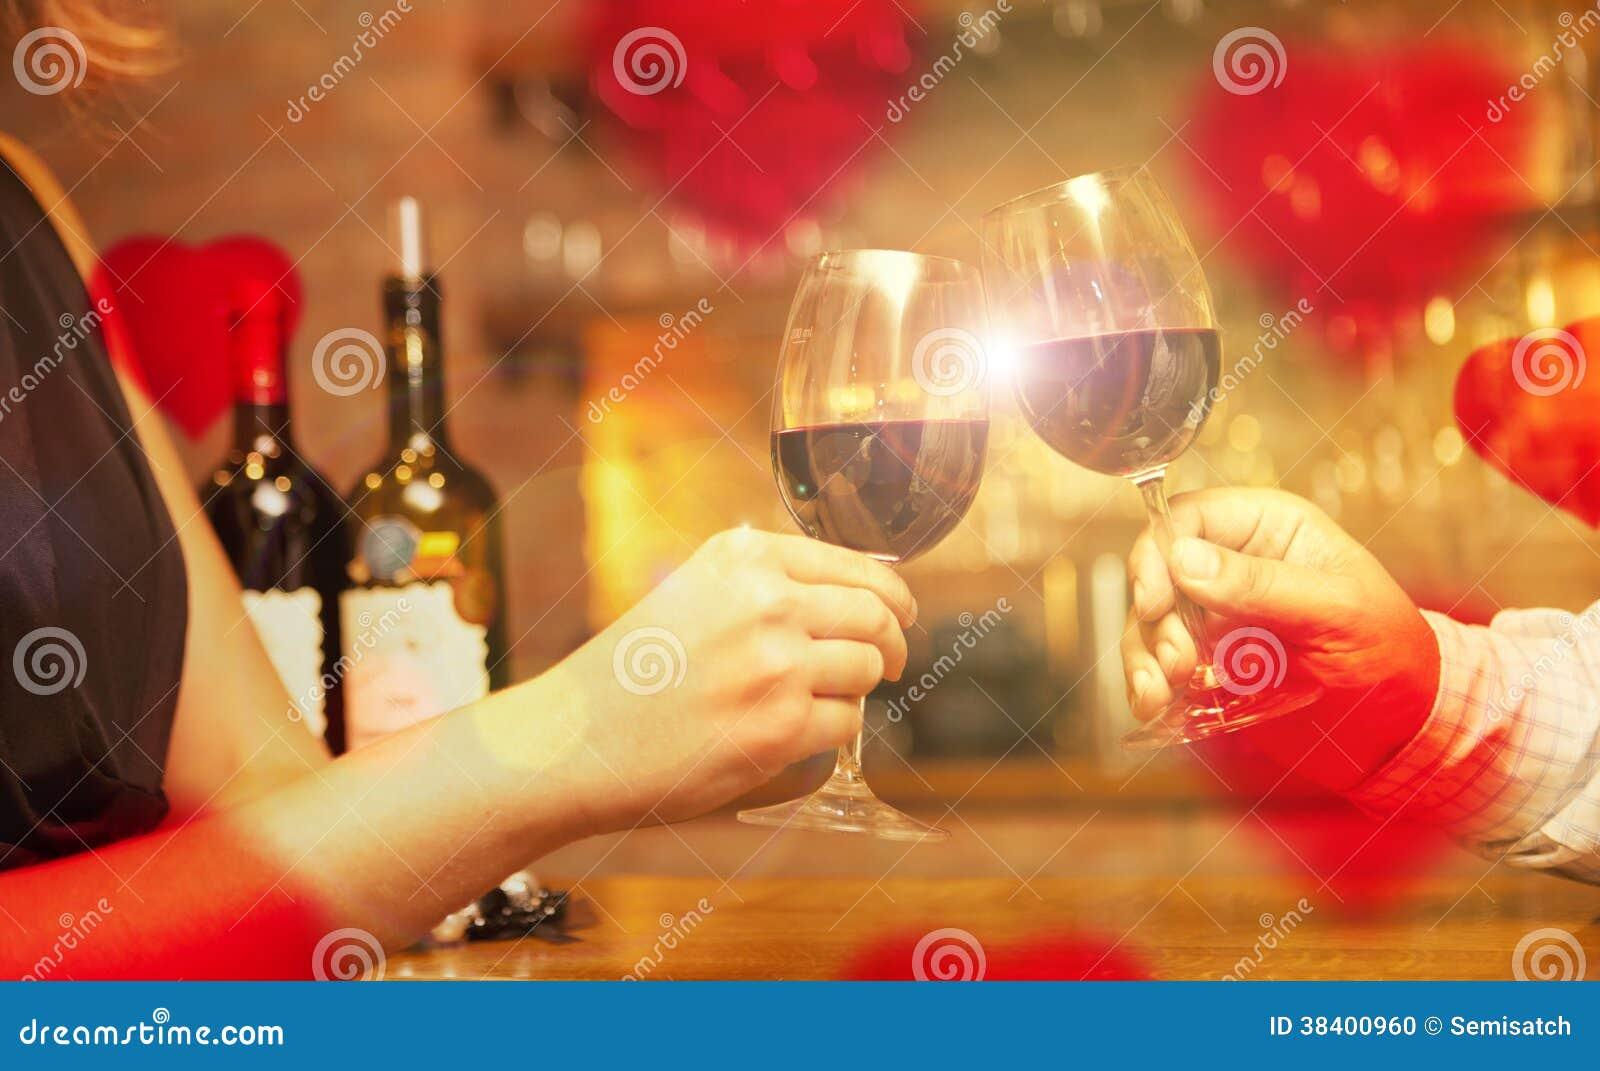 Έννοια ημέρας βαλεντίνου με το κρασί και τα γυαλιά